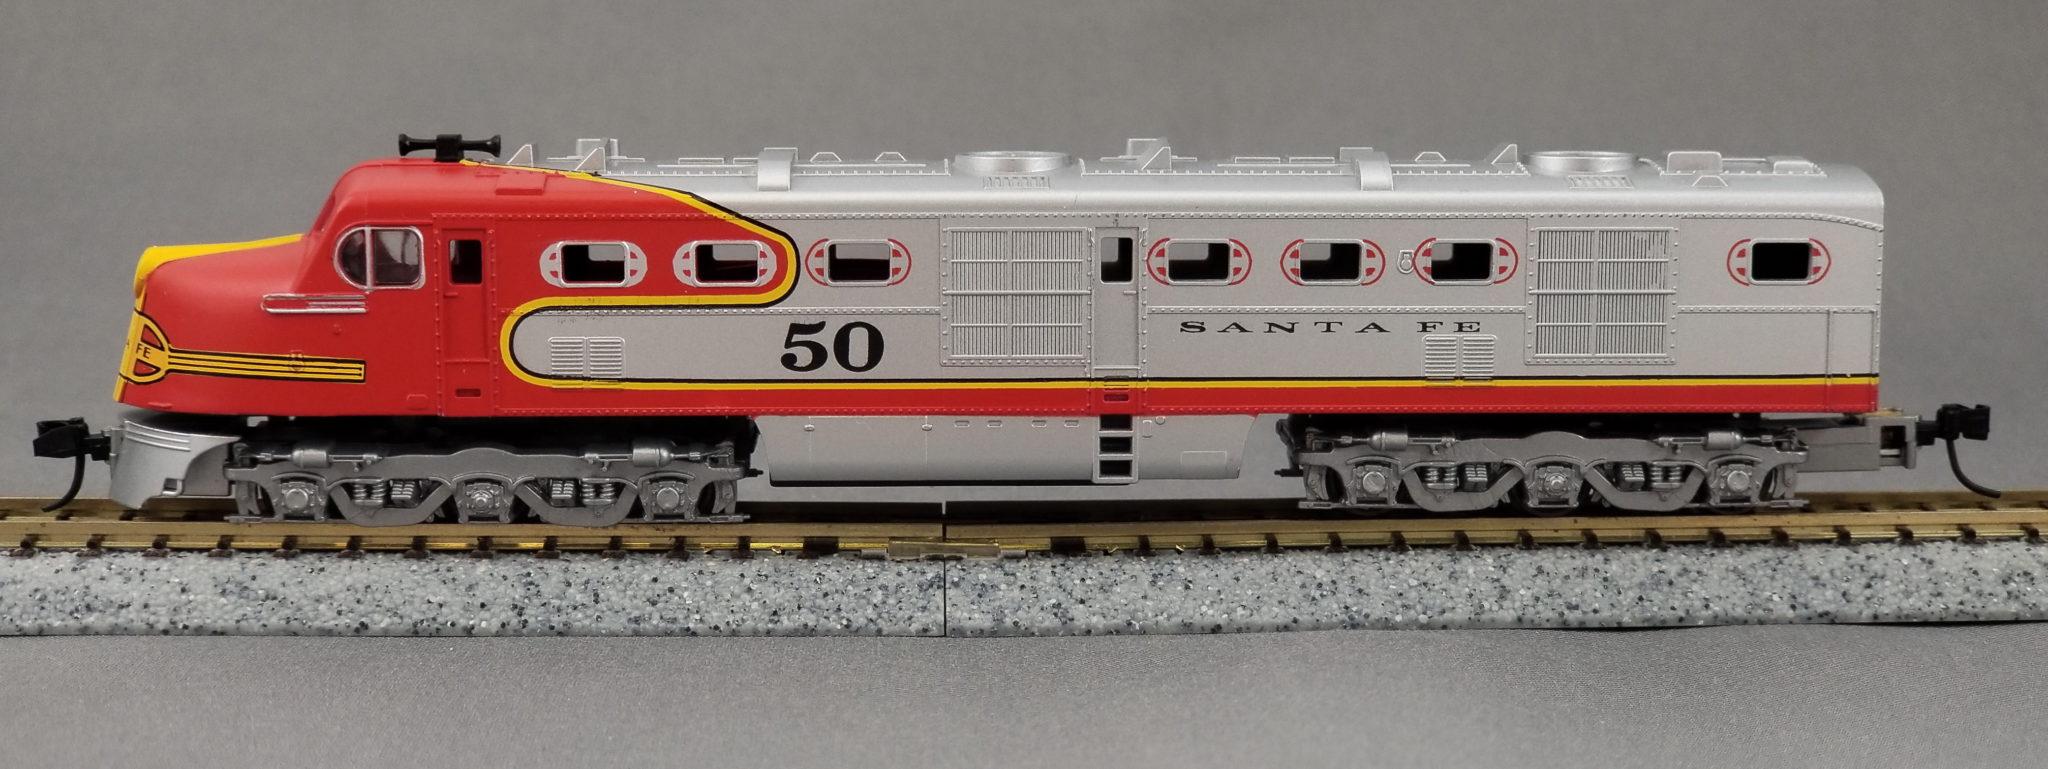 n dl109 dummy with light – atsf loco#38